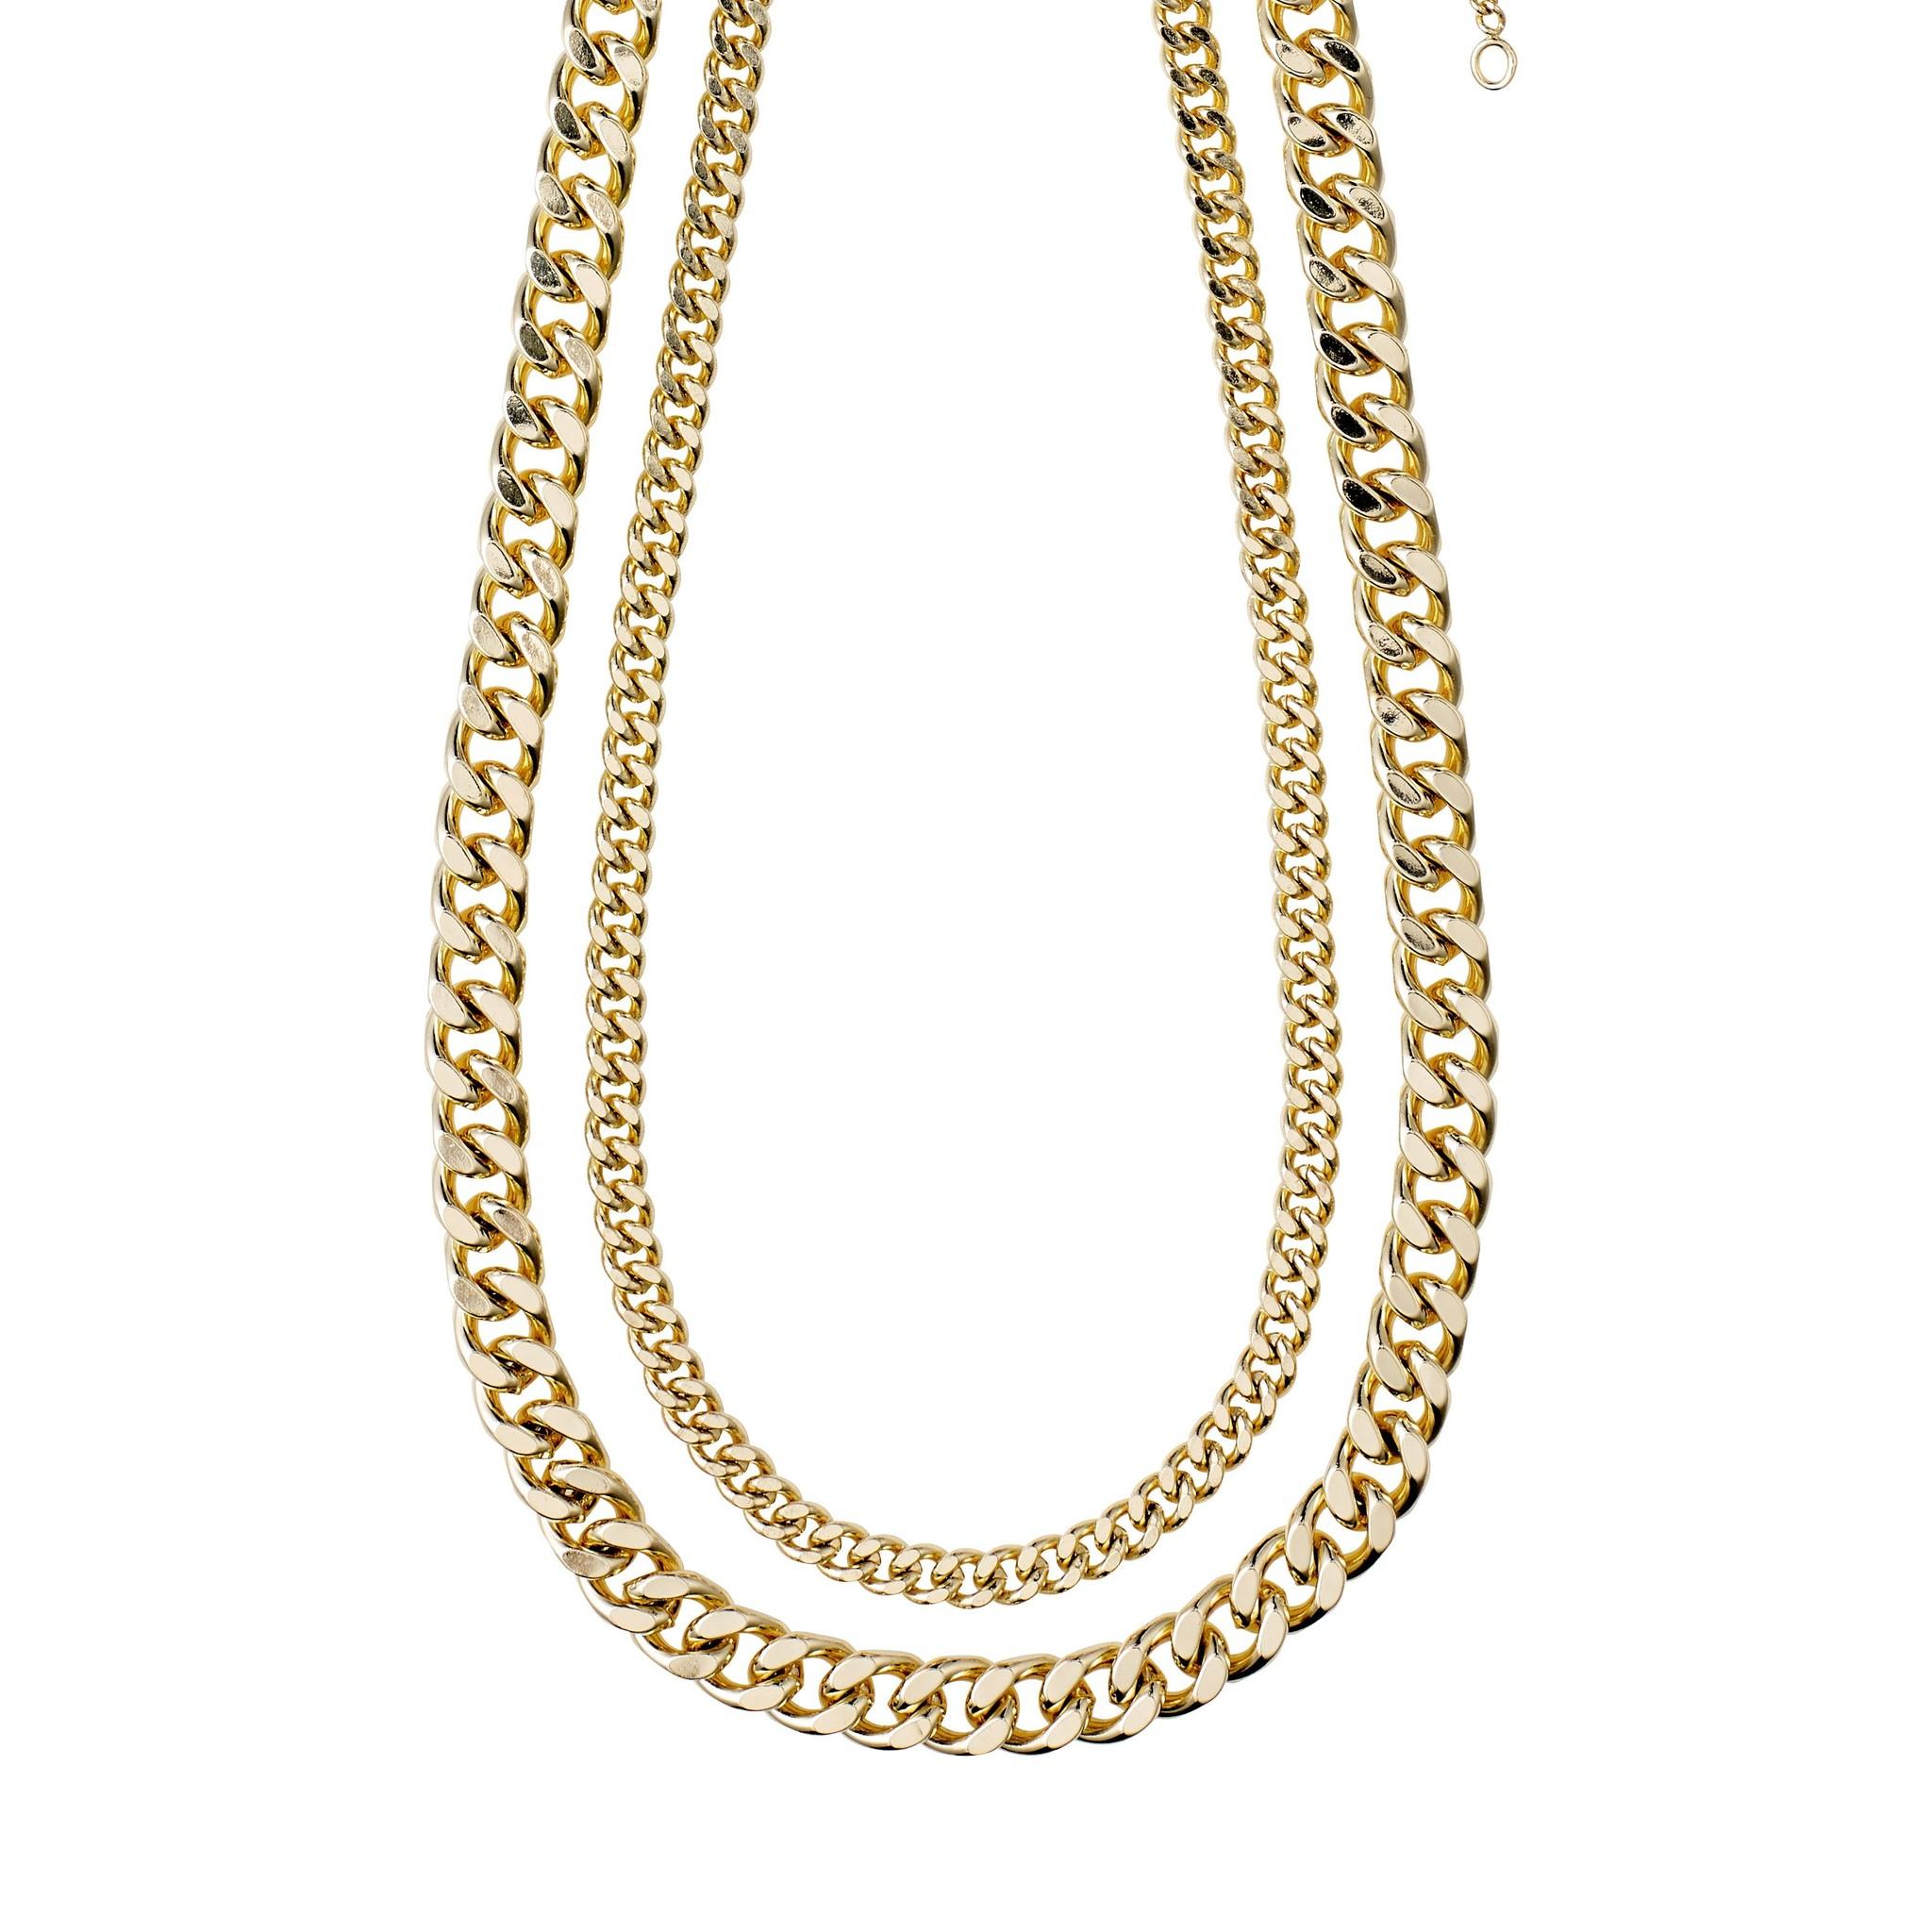 Pilgrim Pilgrim Gold 2-in-1 Necklace Set : Water Element